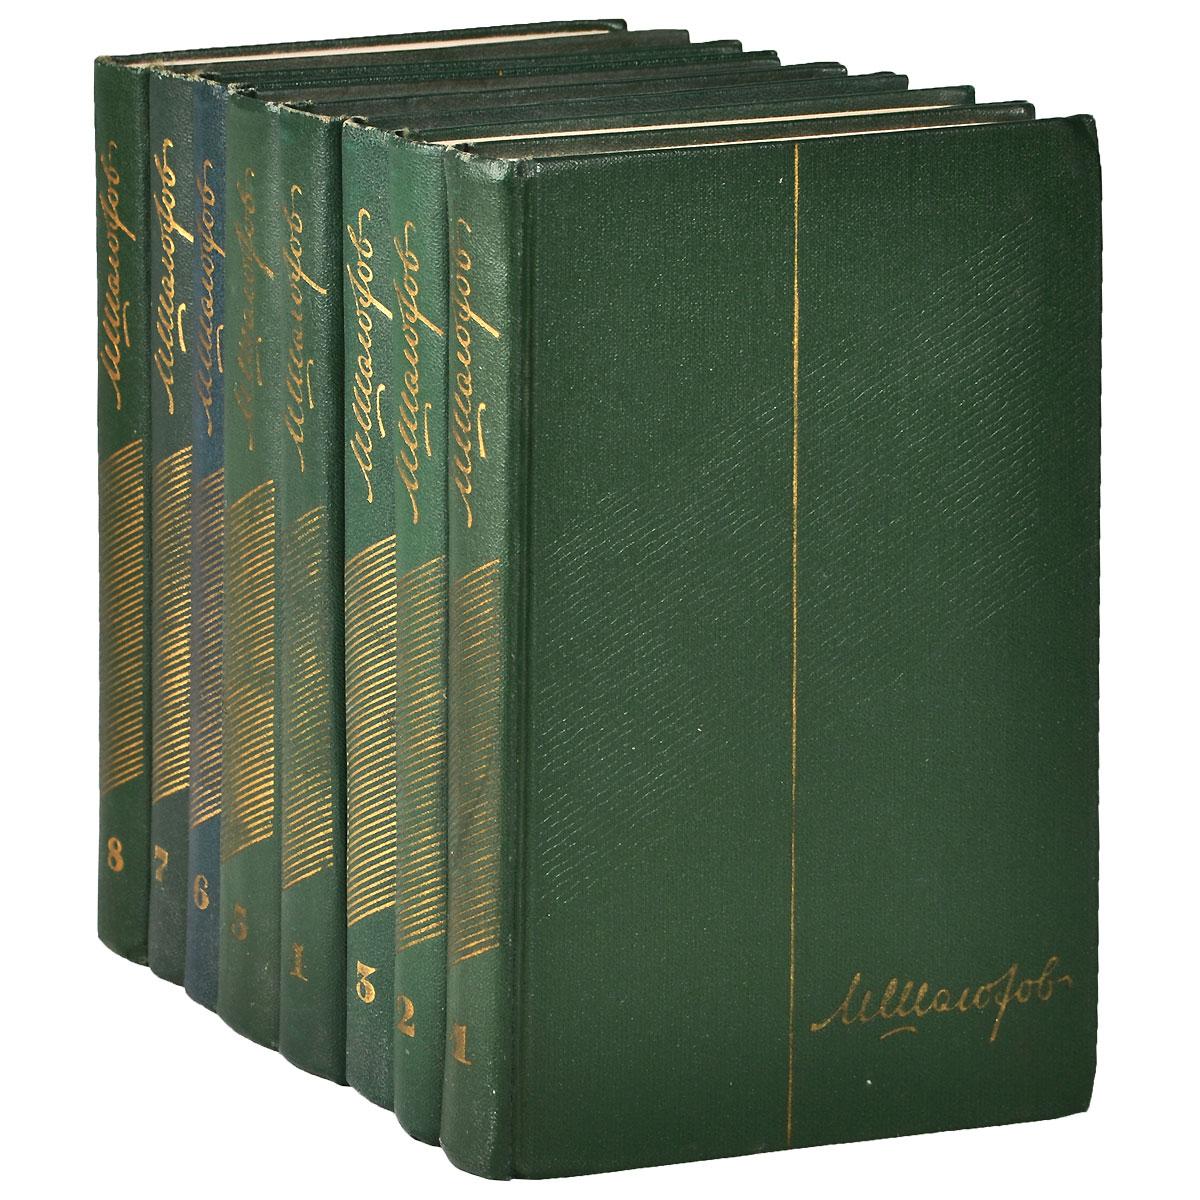 М. Шолохов М. Шолохов. Собрание сочинений в 9 томах (комплект из 8 книг)